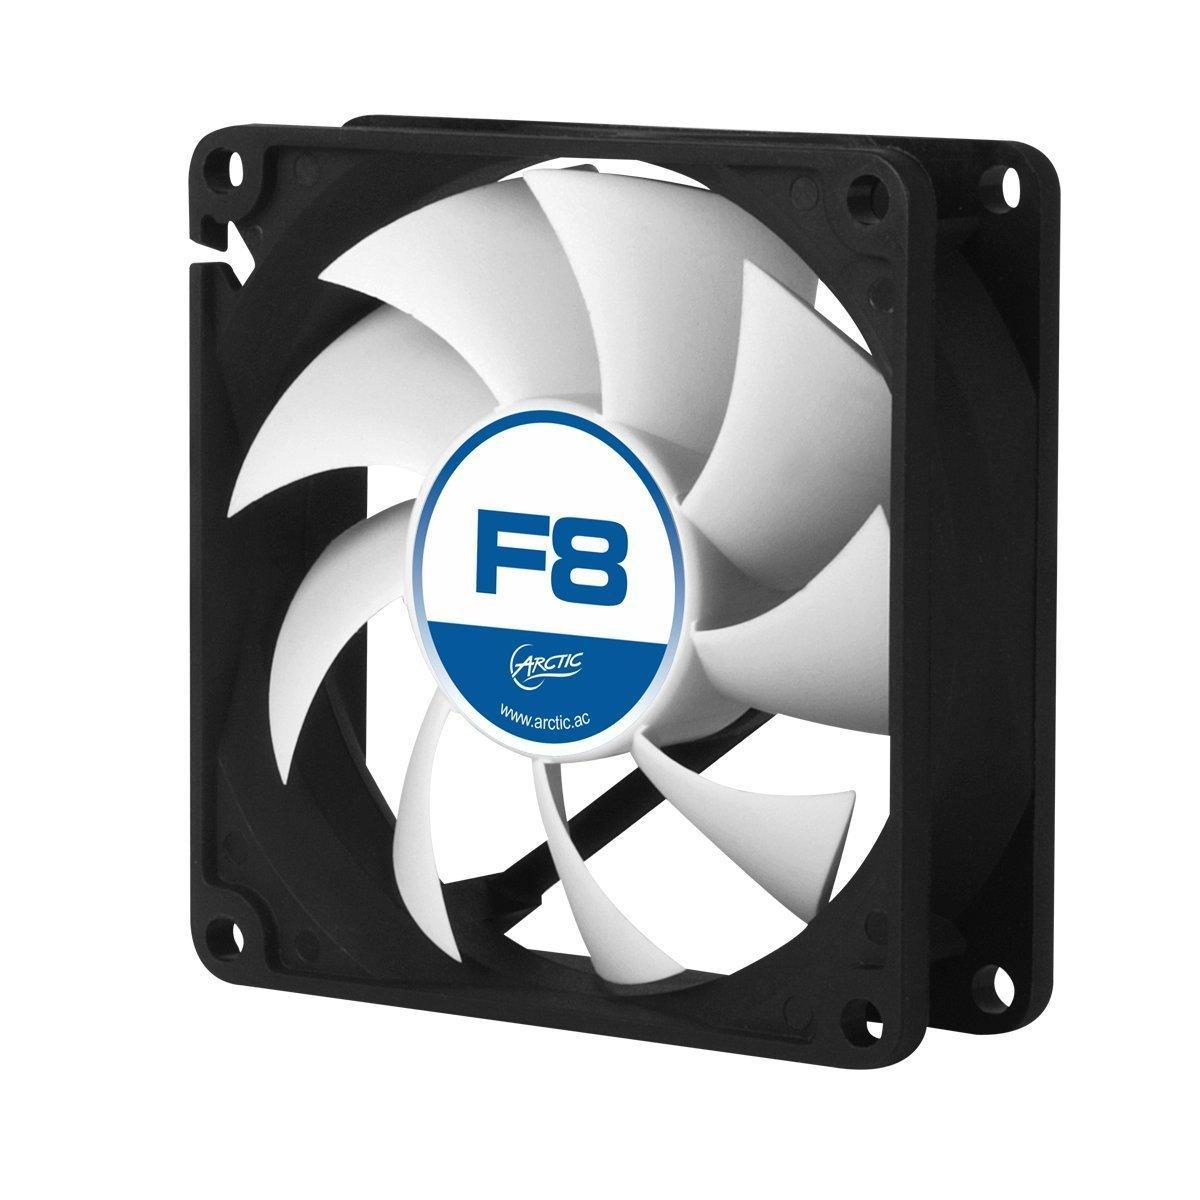 Ventilateur Arctic F8 pour boitier PC - 80mm